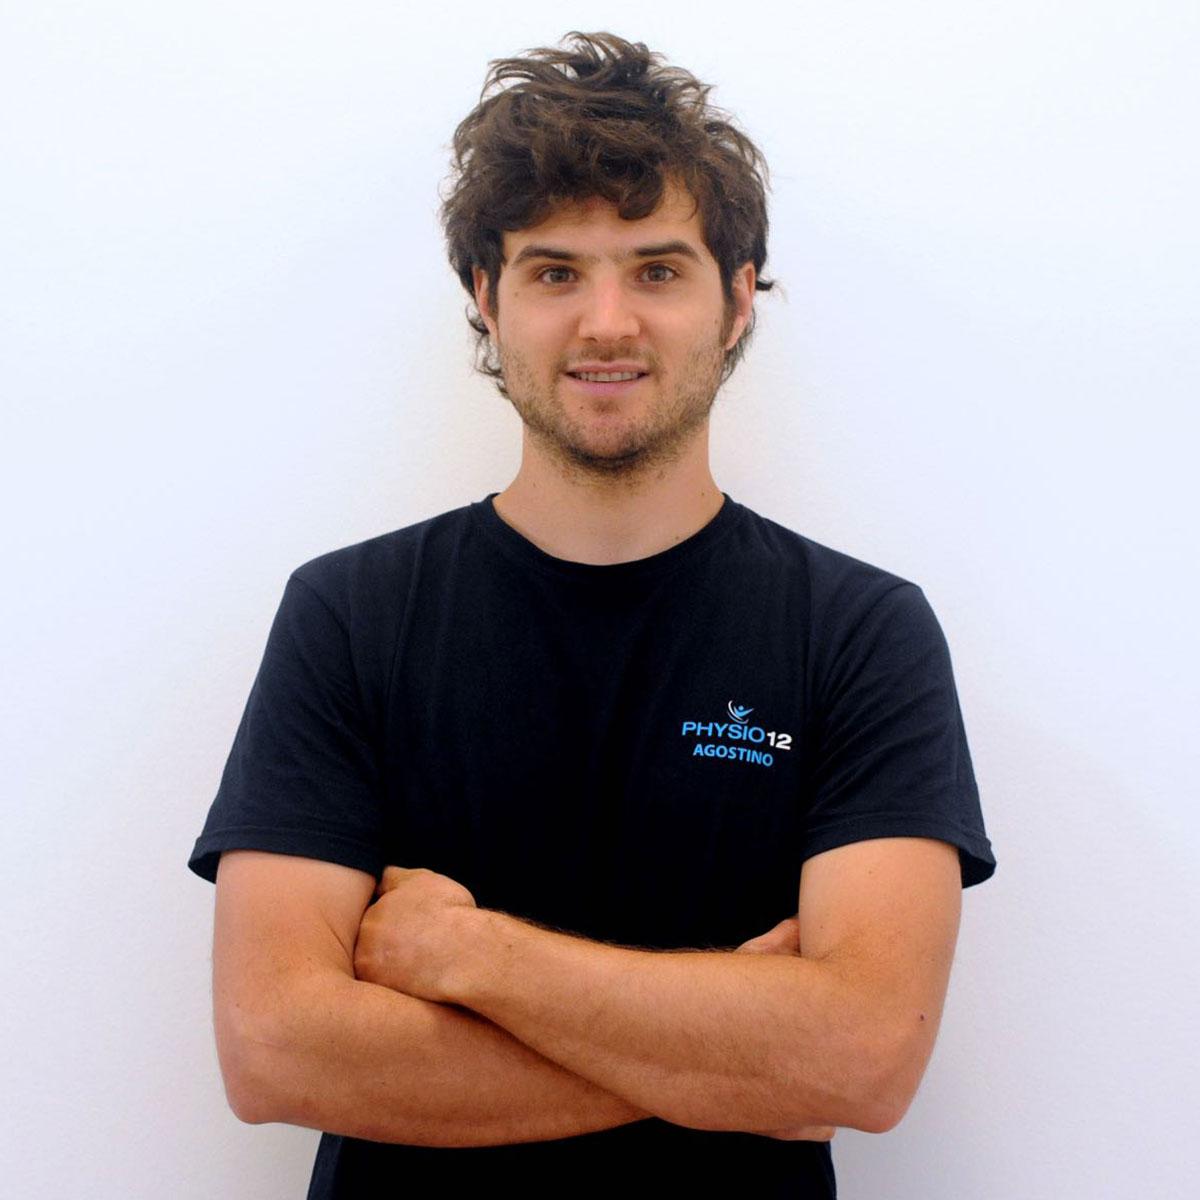 Dott. Agostino Panzani - Laureato in scienze motorie - Posturologo